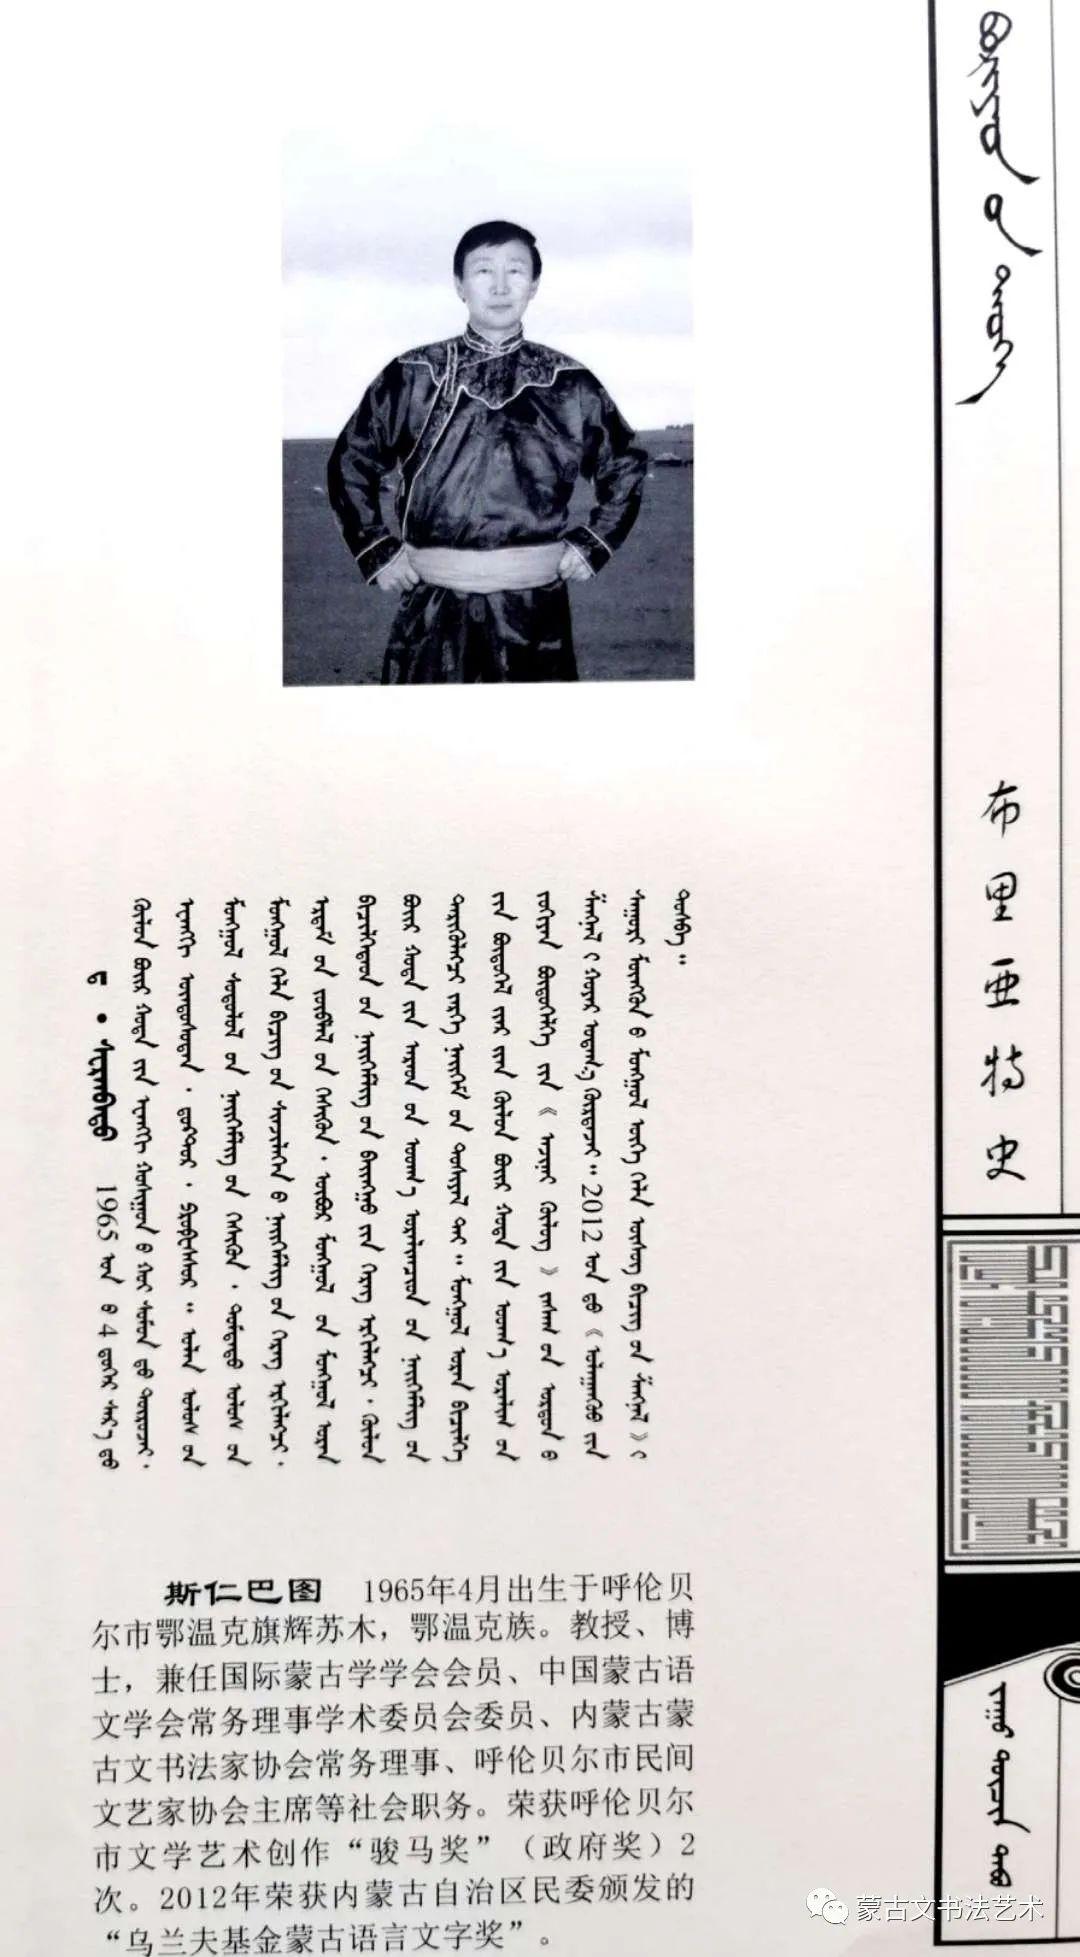 蒙古文经典文献当代书法名家手抄本之斯仁巴图《布里亚特史》 第13张 蒙古文经典文献当代书法名家手抄本之斯仁巴图《布里亚特史》 蒙古书法